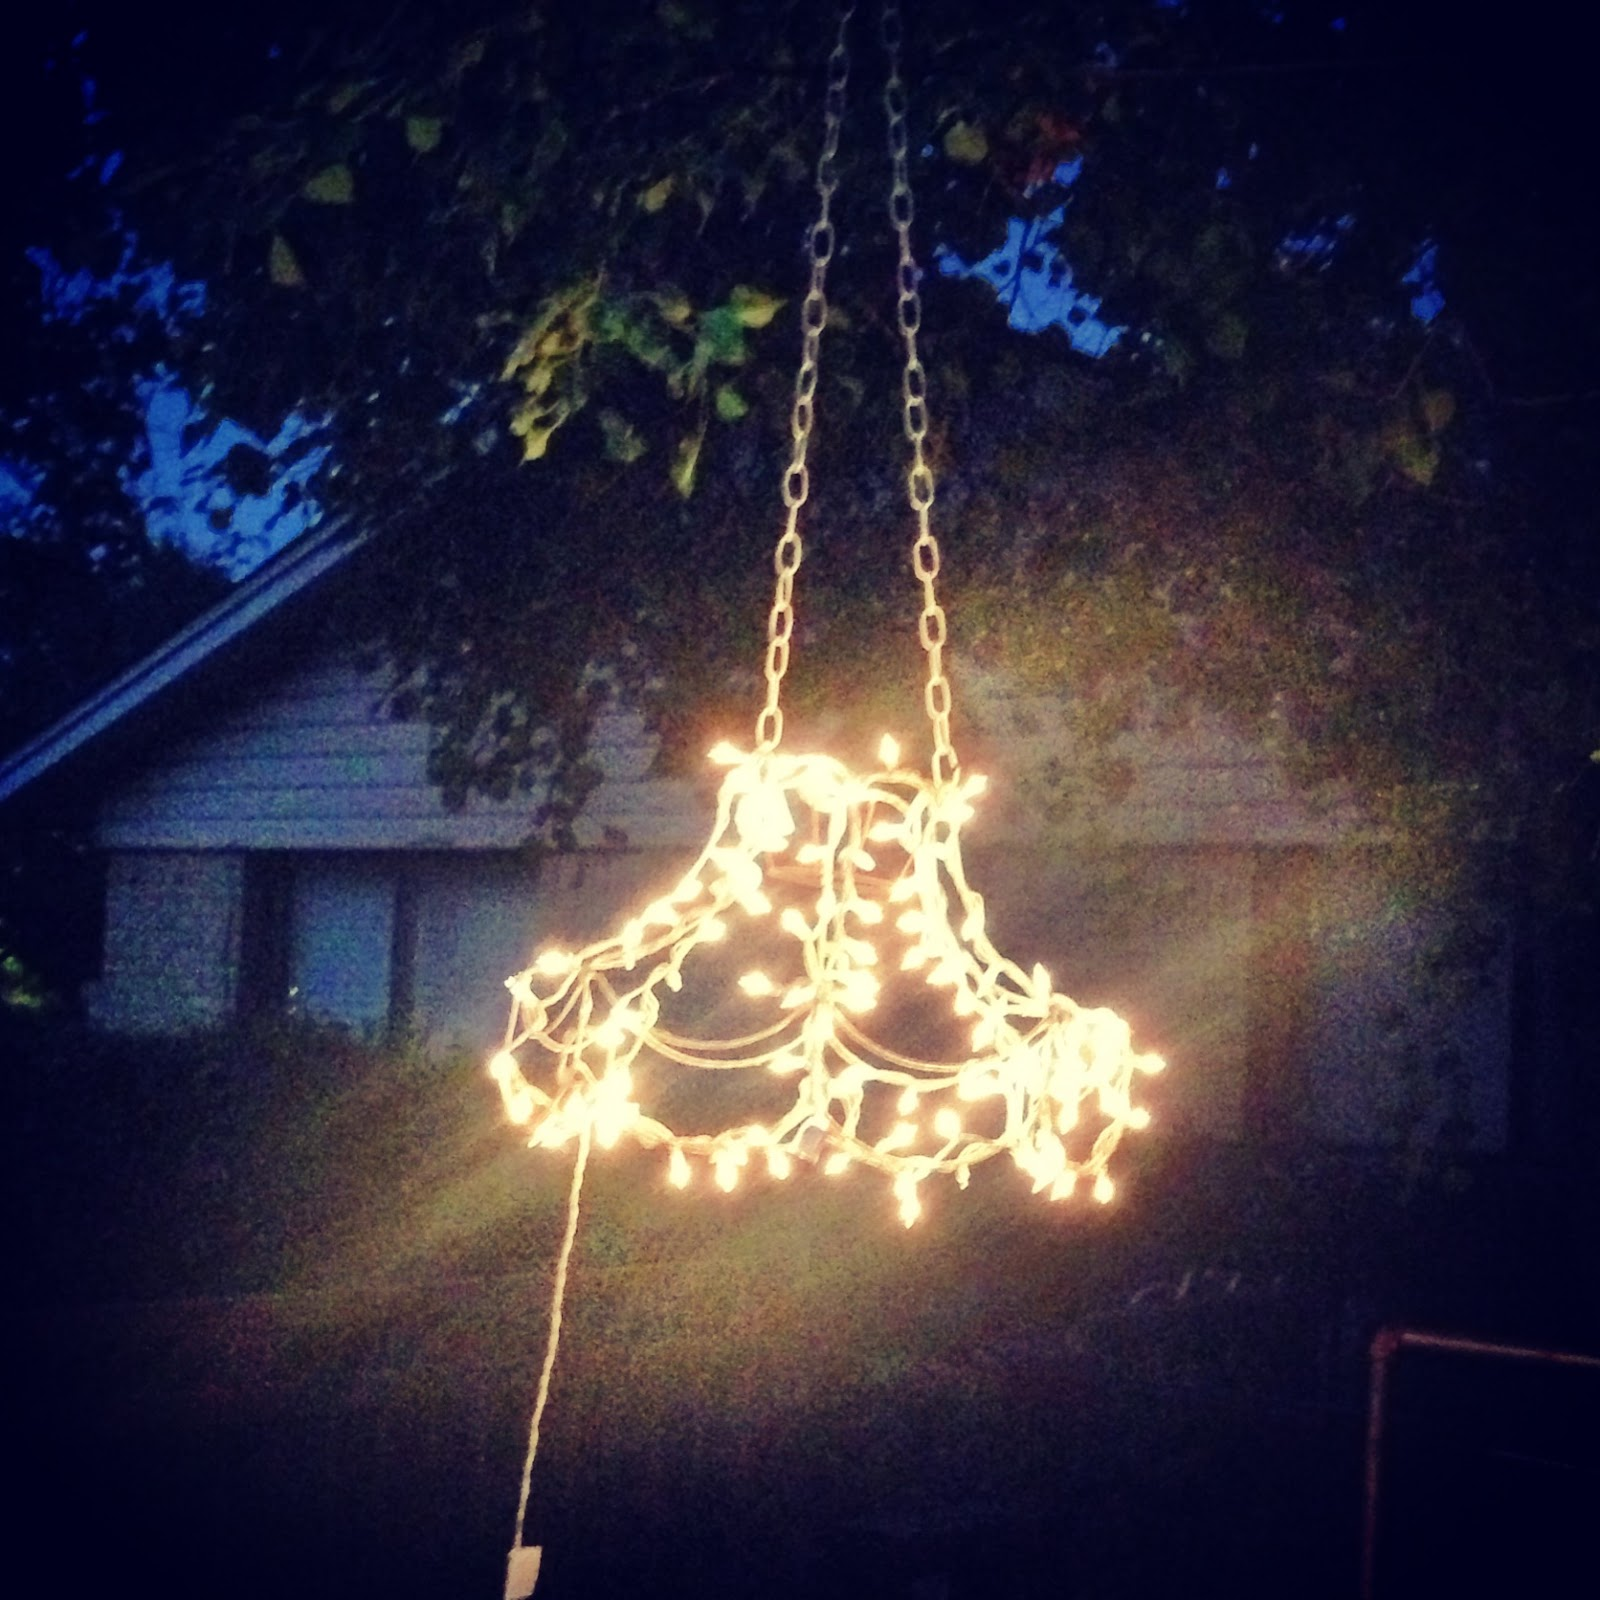 Chandelier Outdoor Lighting: The Baby Giraffe: Outdoor Chandelier Tutorial